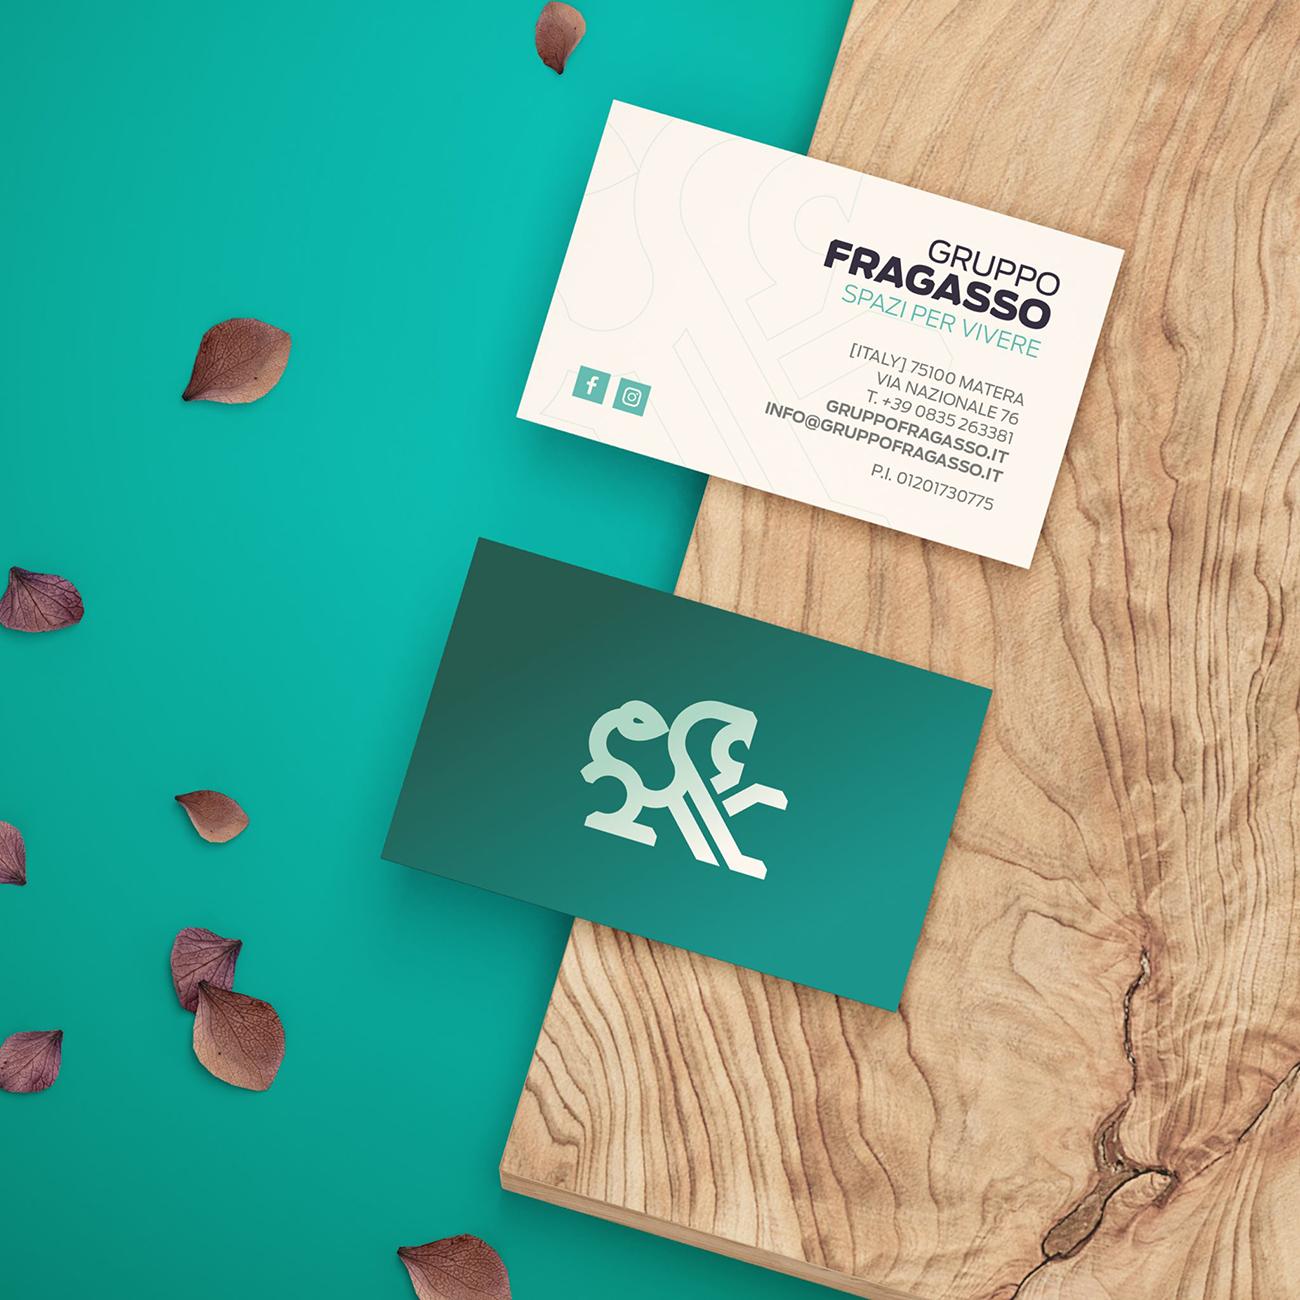 Nuovo brand per Gruppo Fragasso